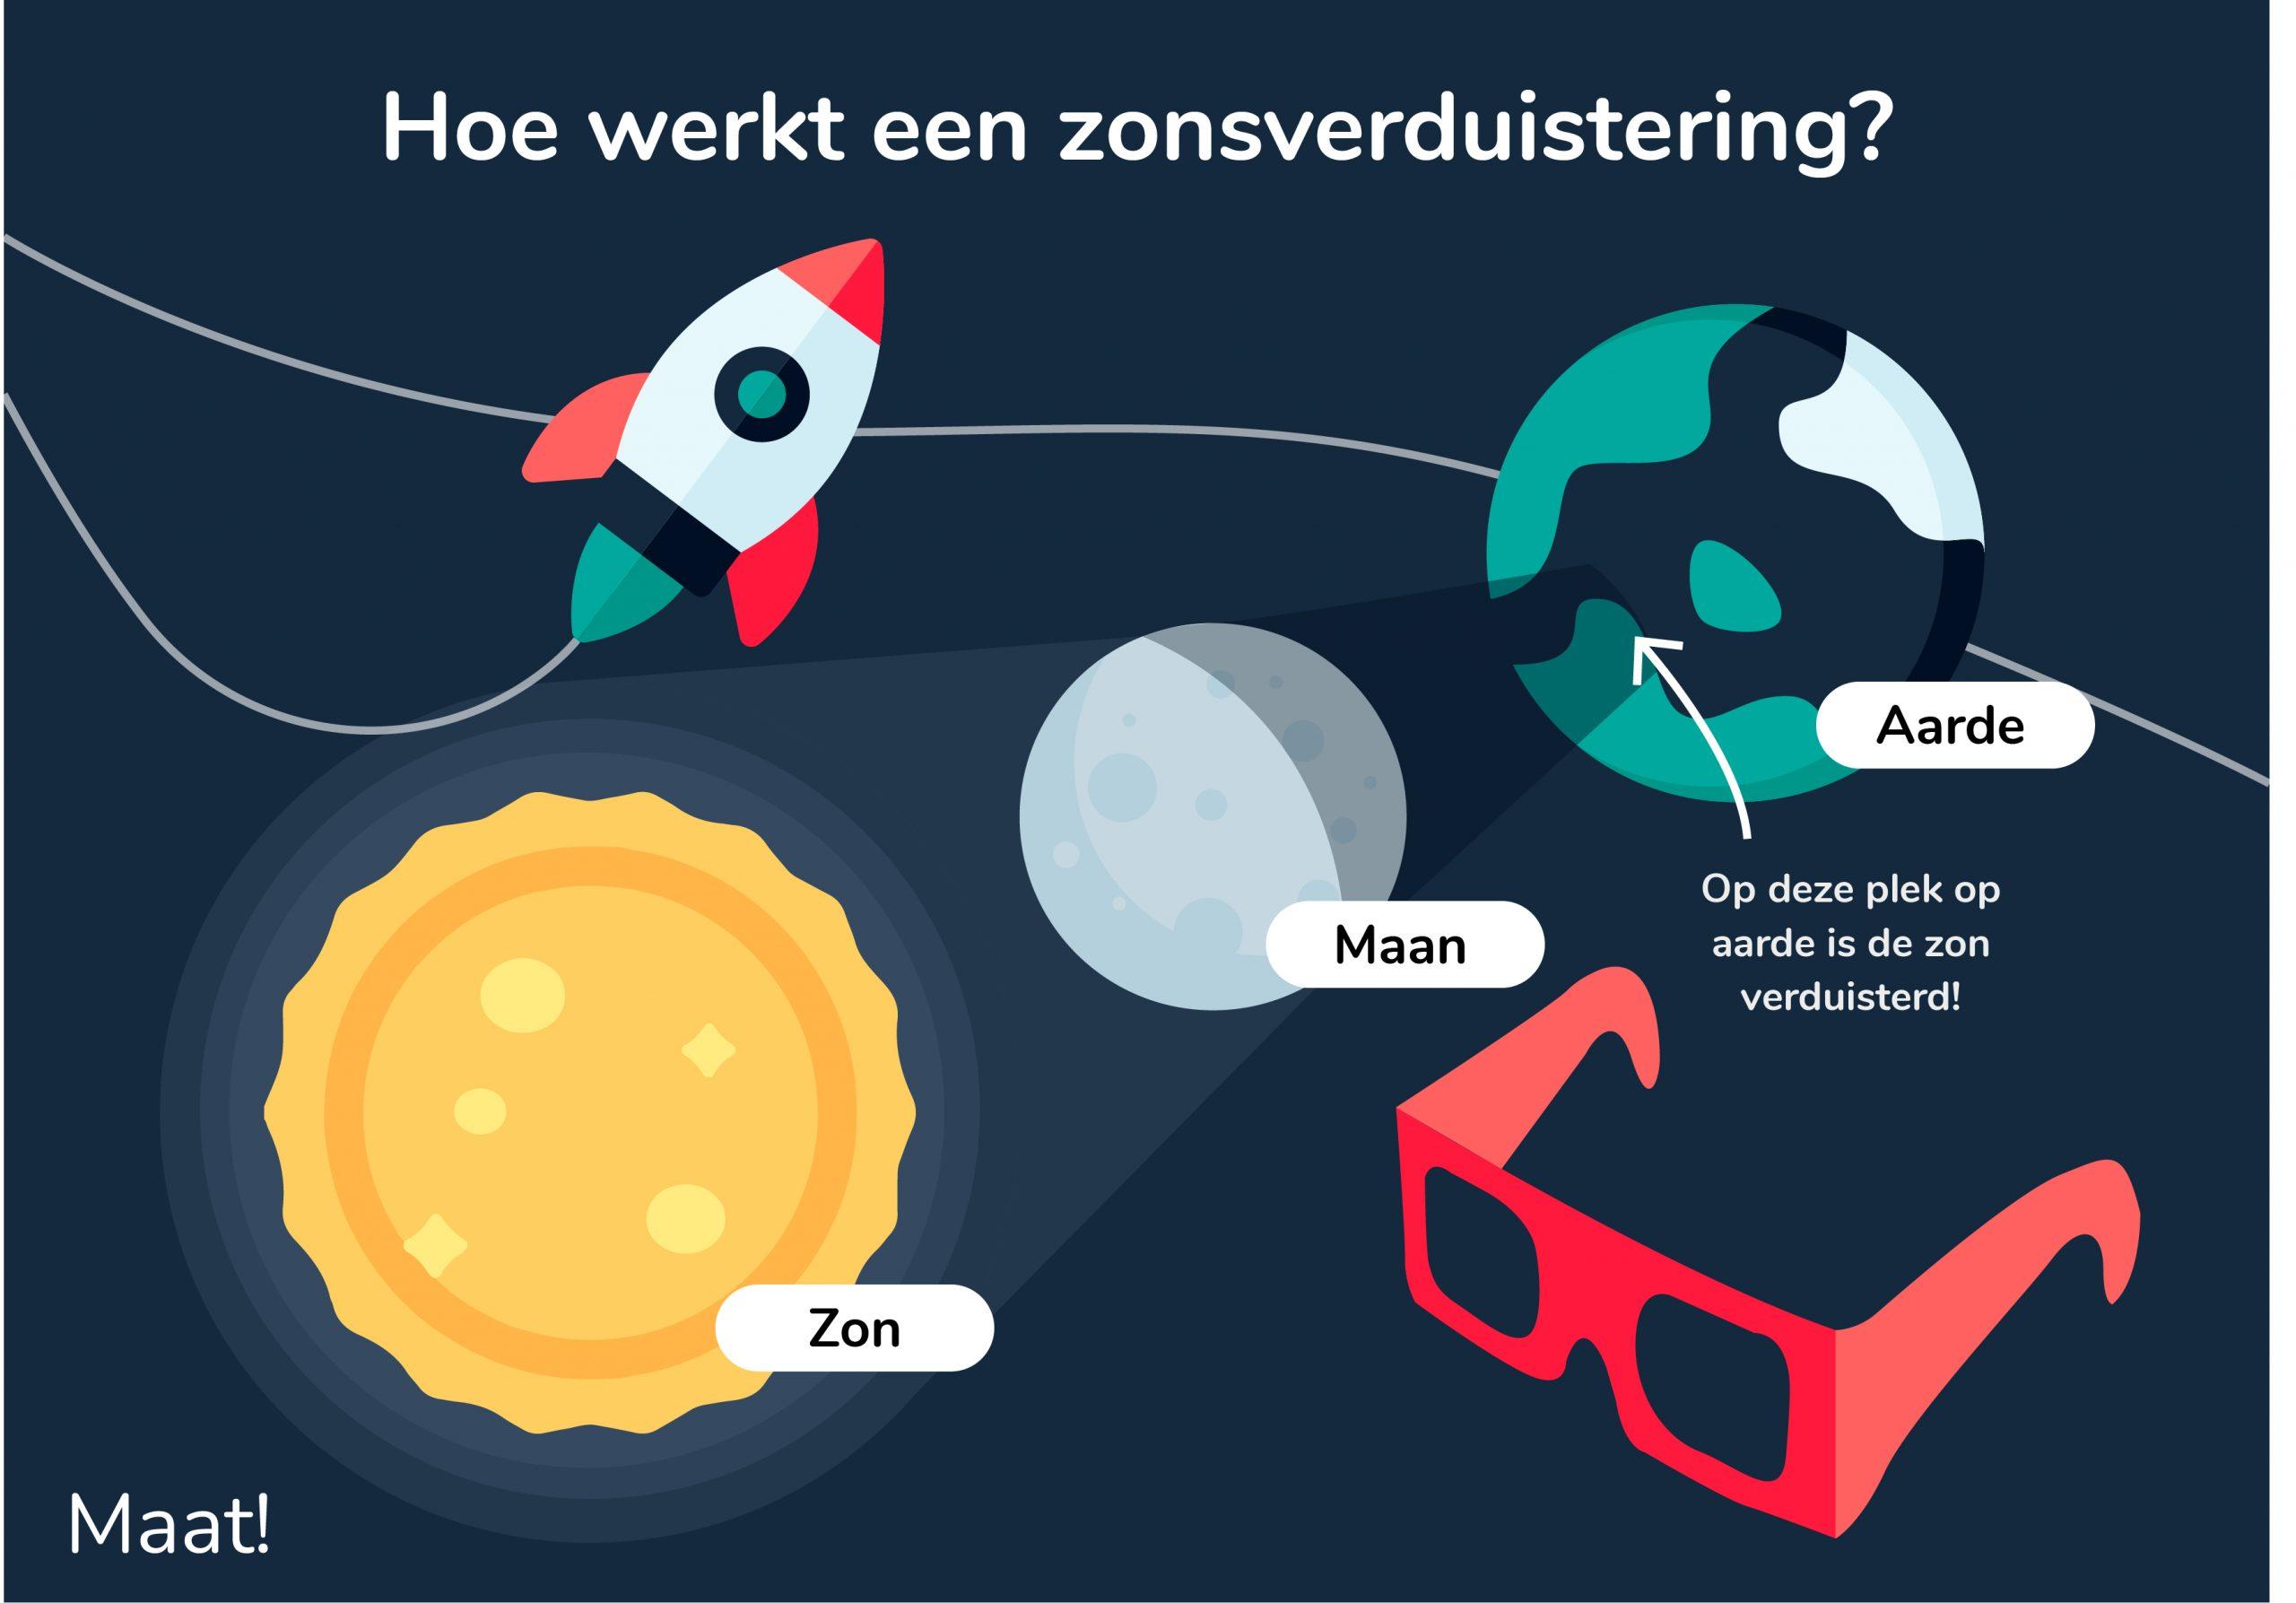 10 juni 2021 – Zonsverduistering: zorg goed voor je ogen met Maatbril!